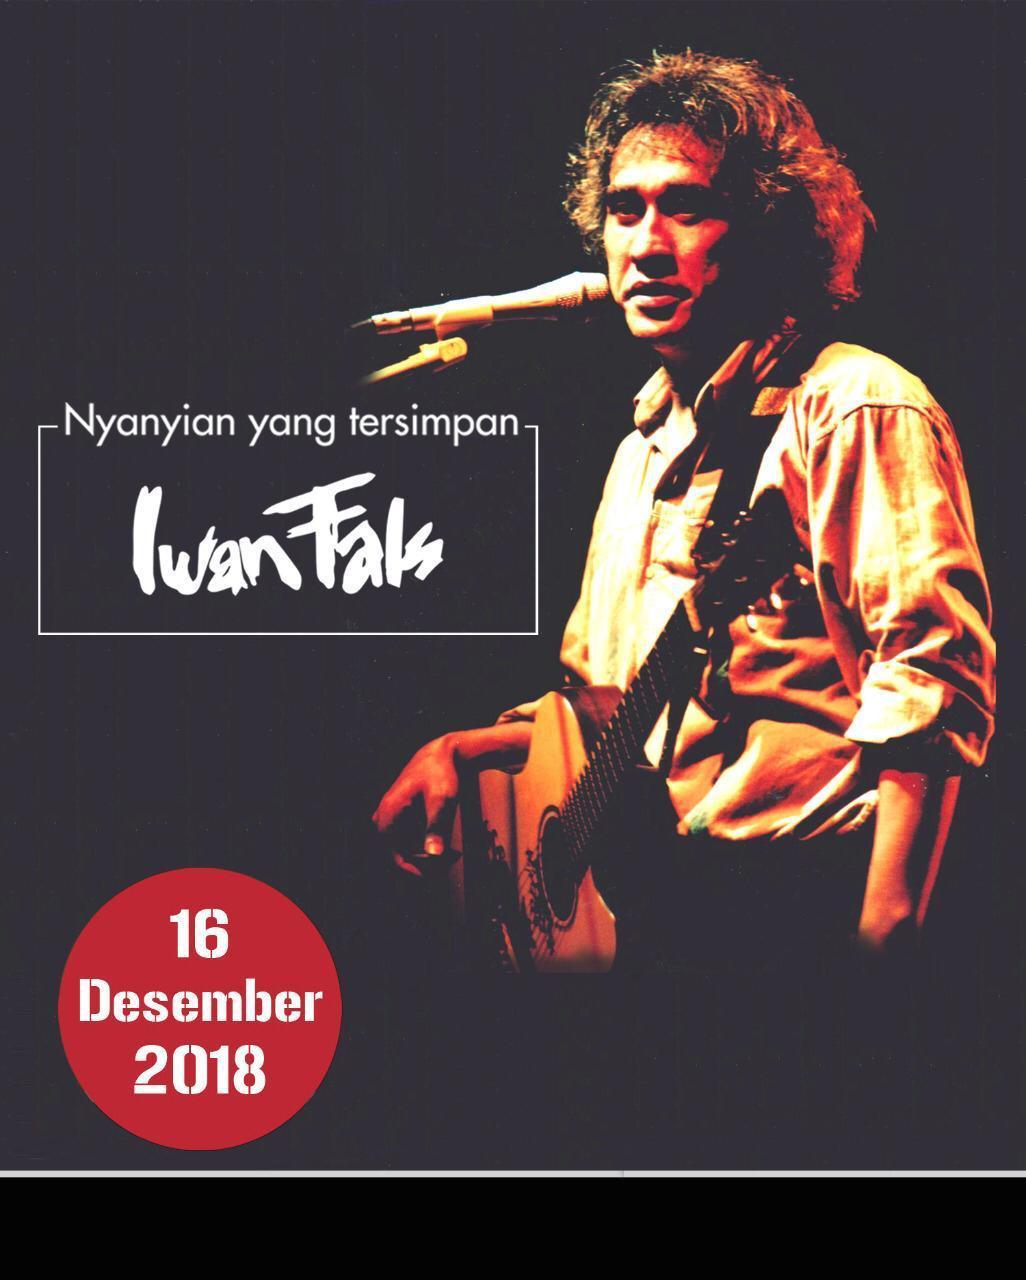 Nyanyian Tersimpan di e Concert Iwan Fals, 16 Desember 2018